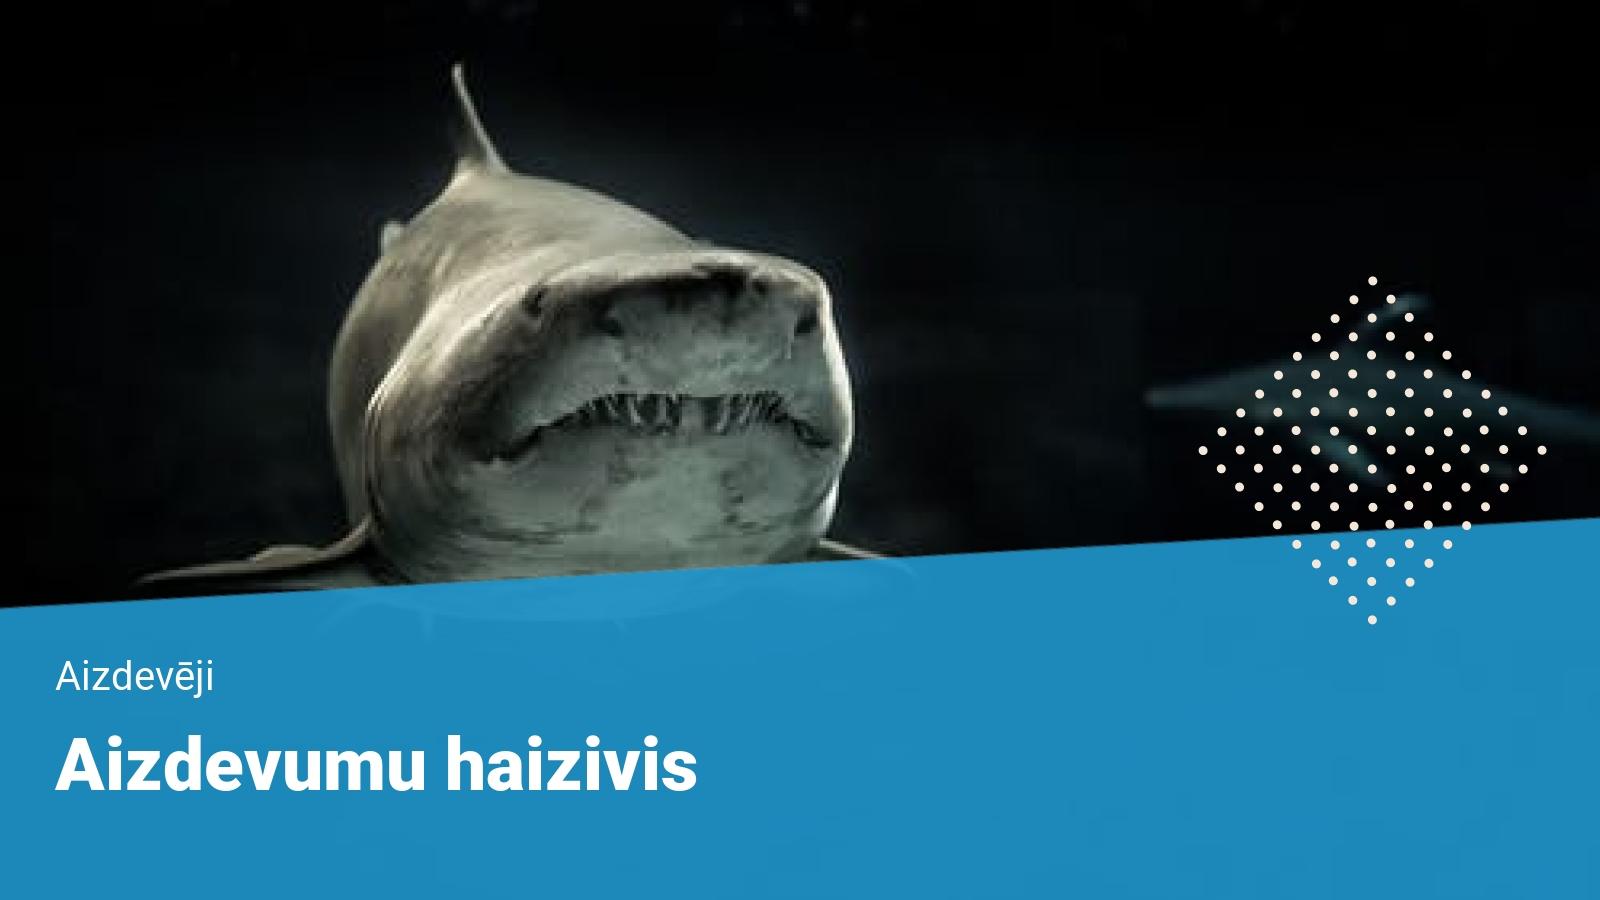 Aizdevums haizivs